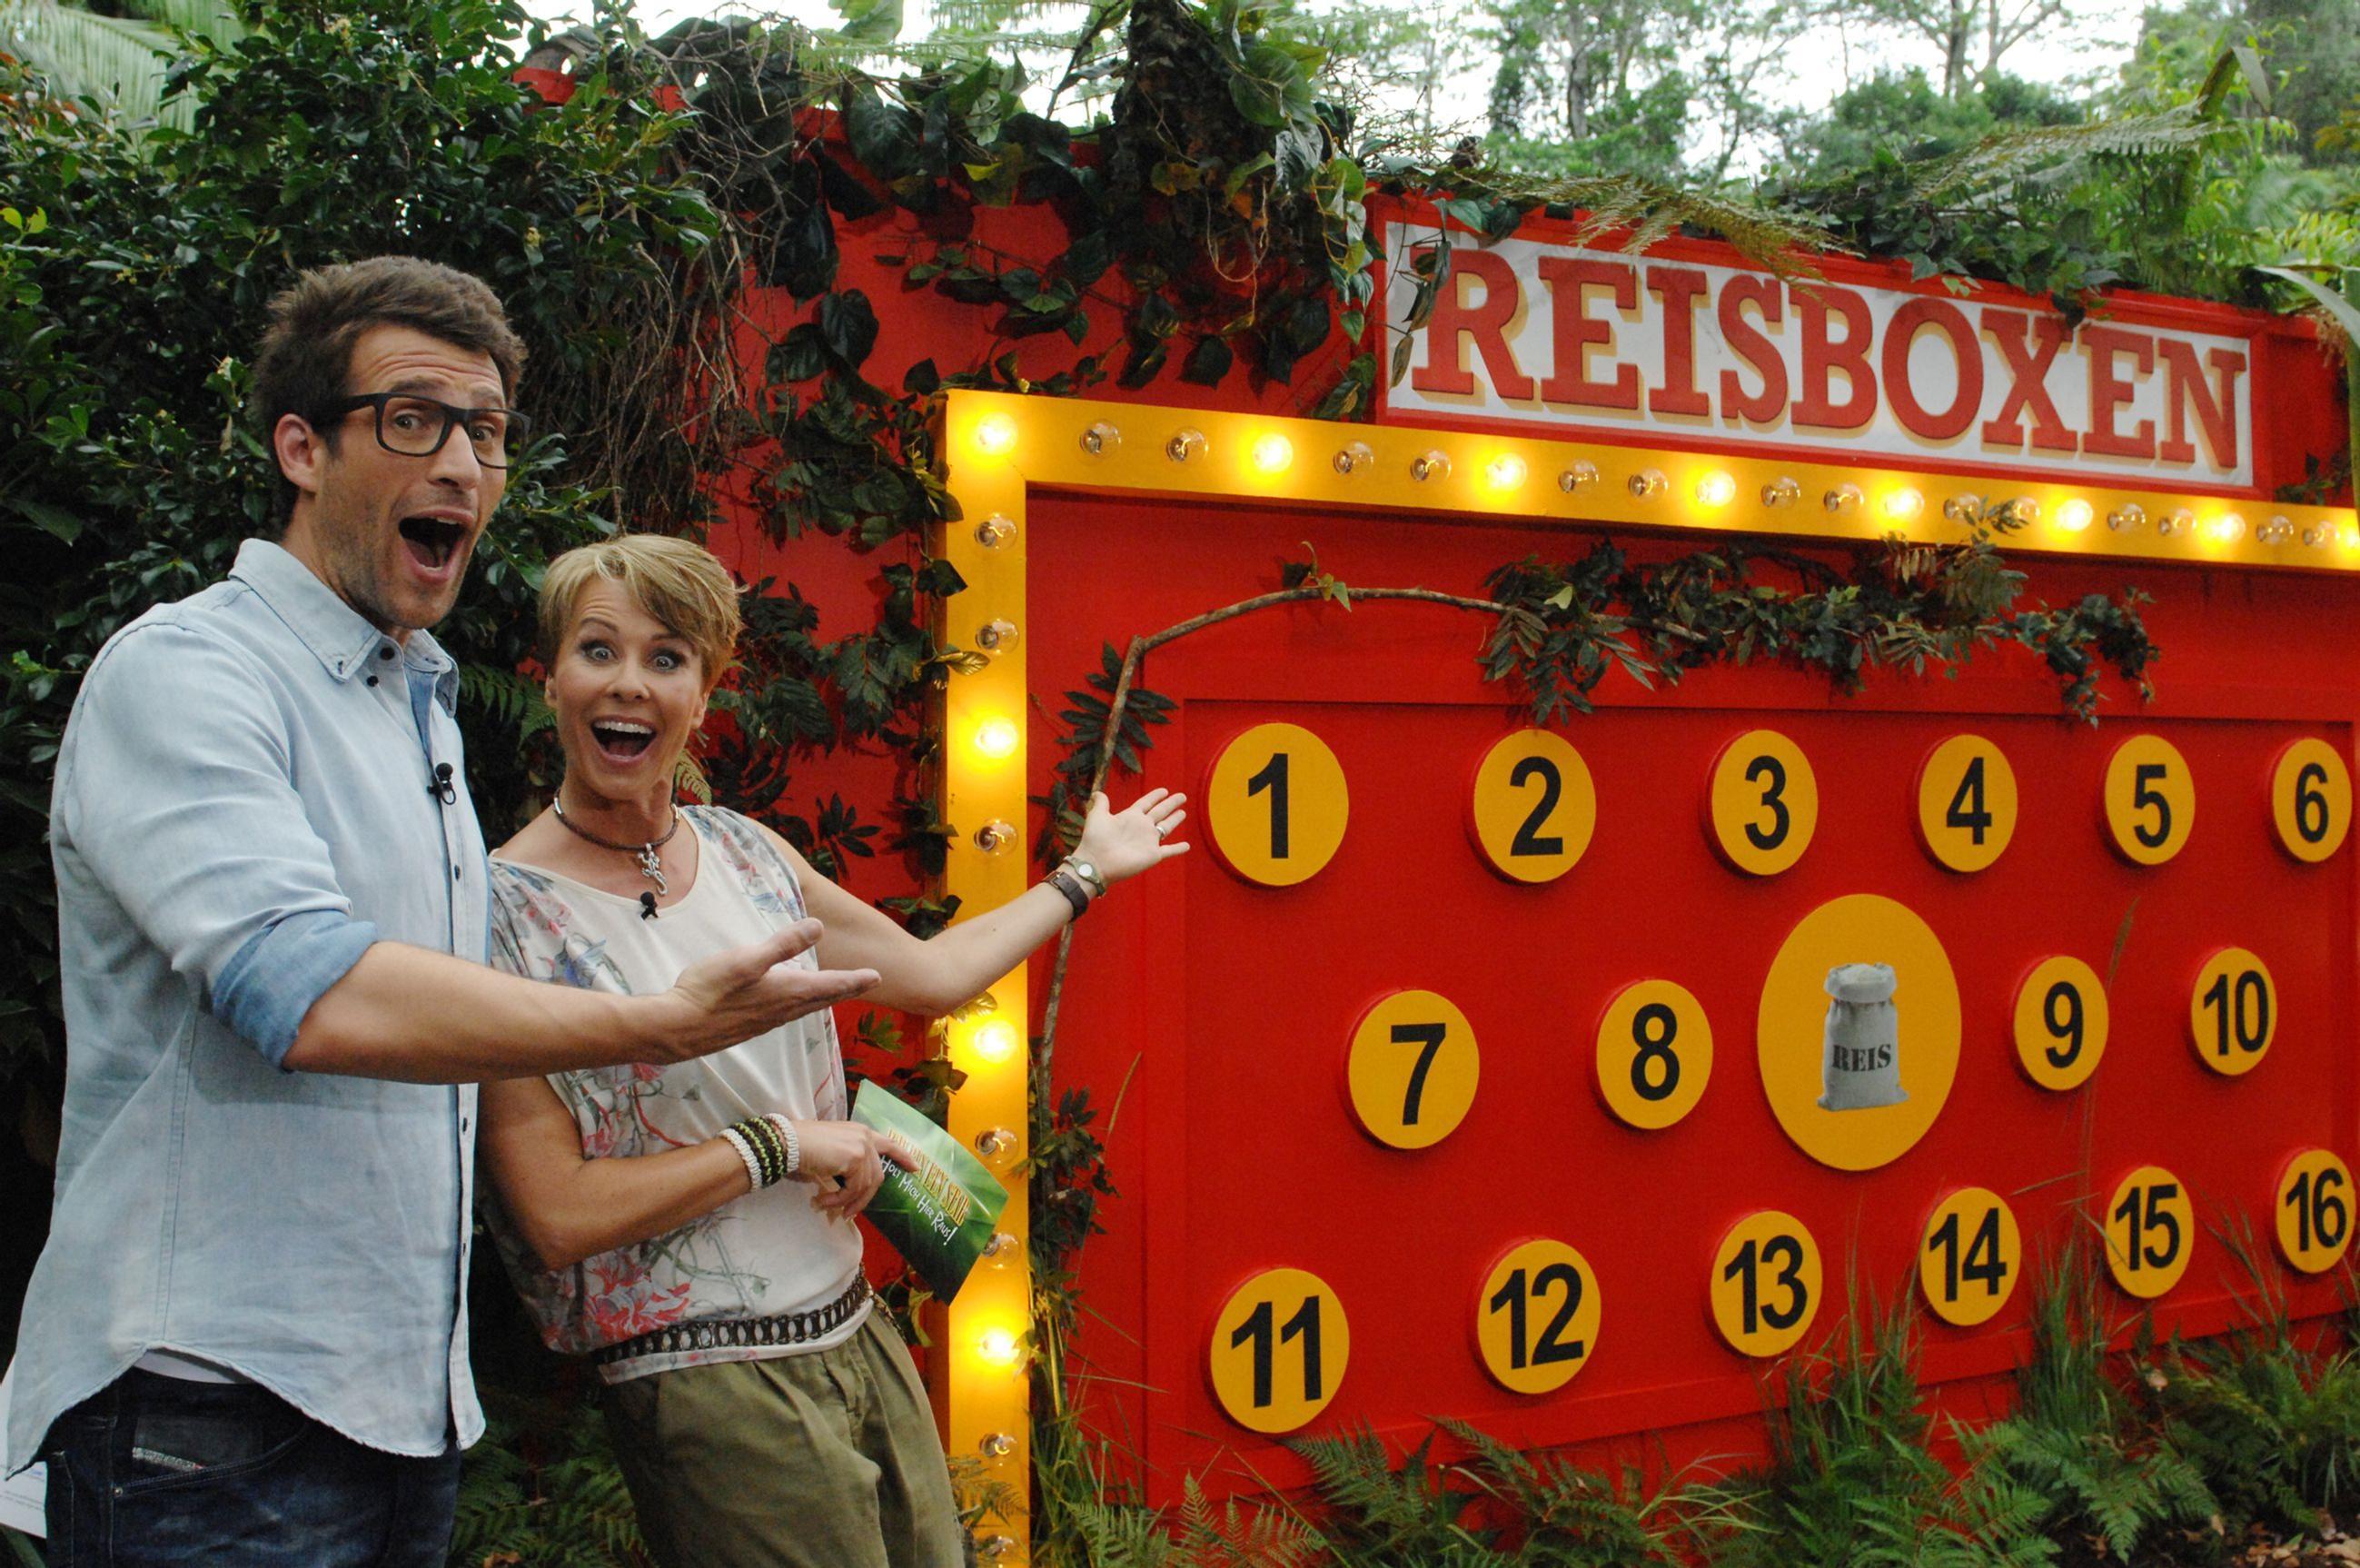 Dschungelcamp 2014 Dschungelprüfung Tag 9 Reisboxen